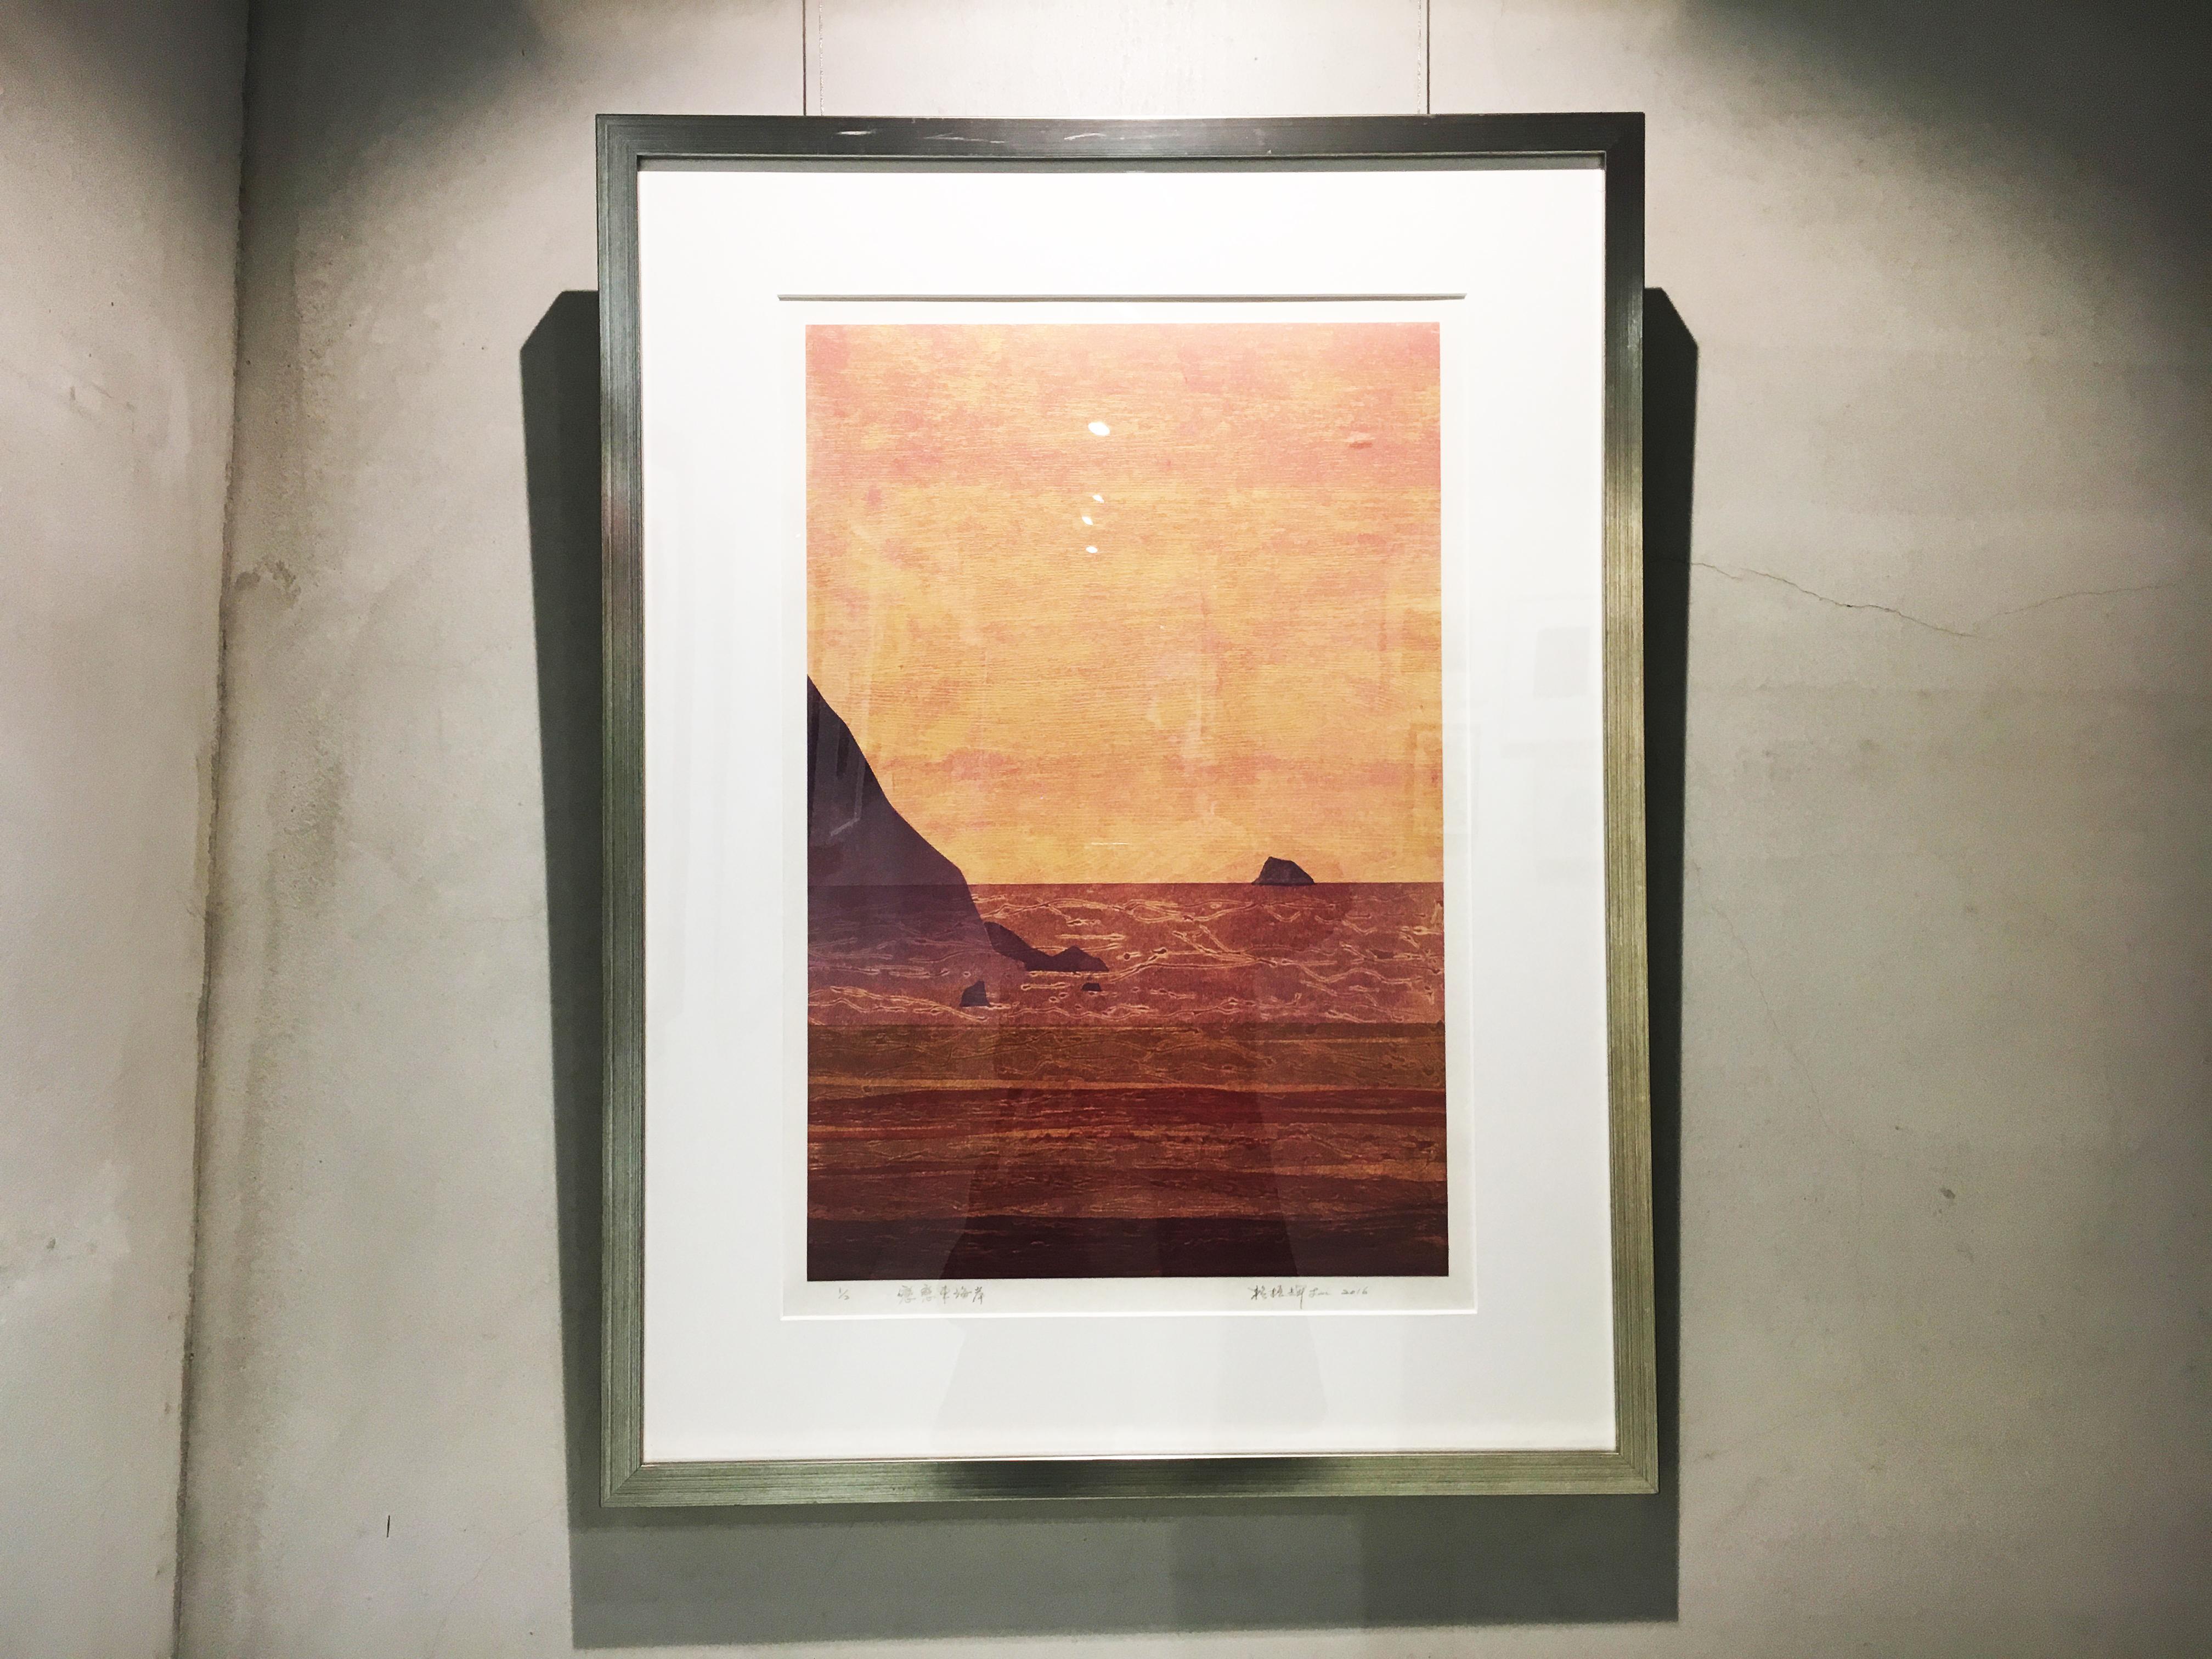 賴振輝,《戀爛東海岸》,2016。